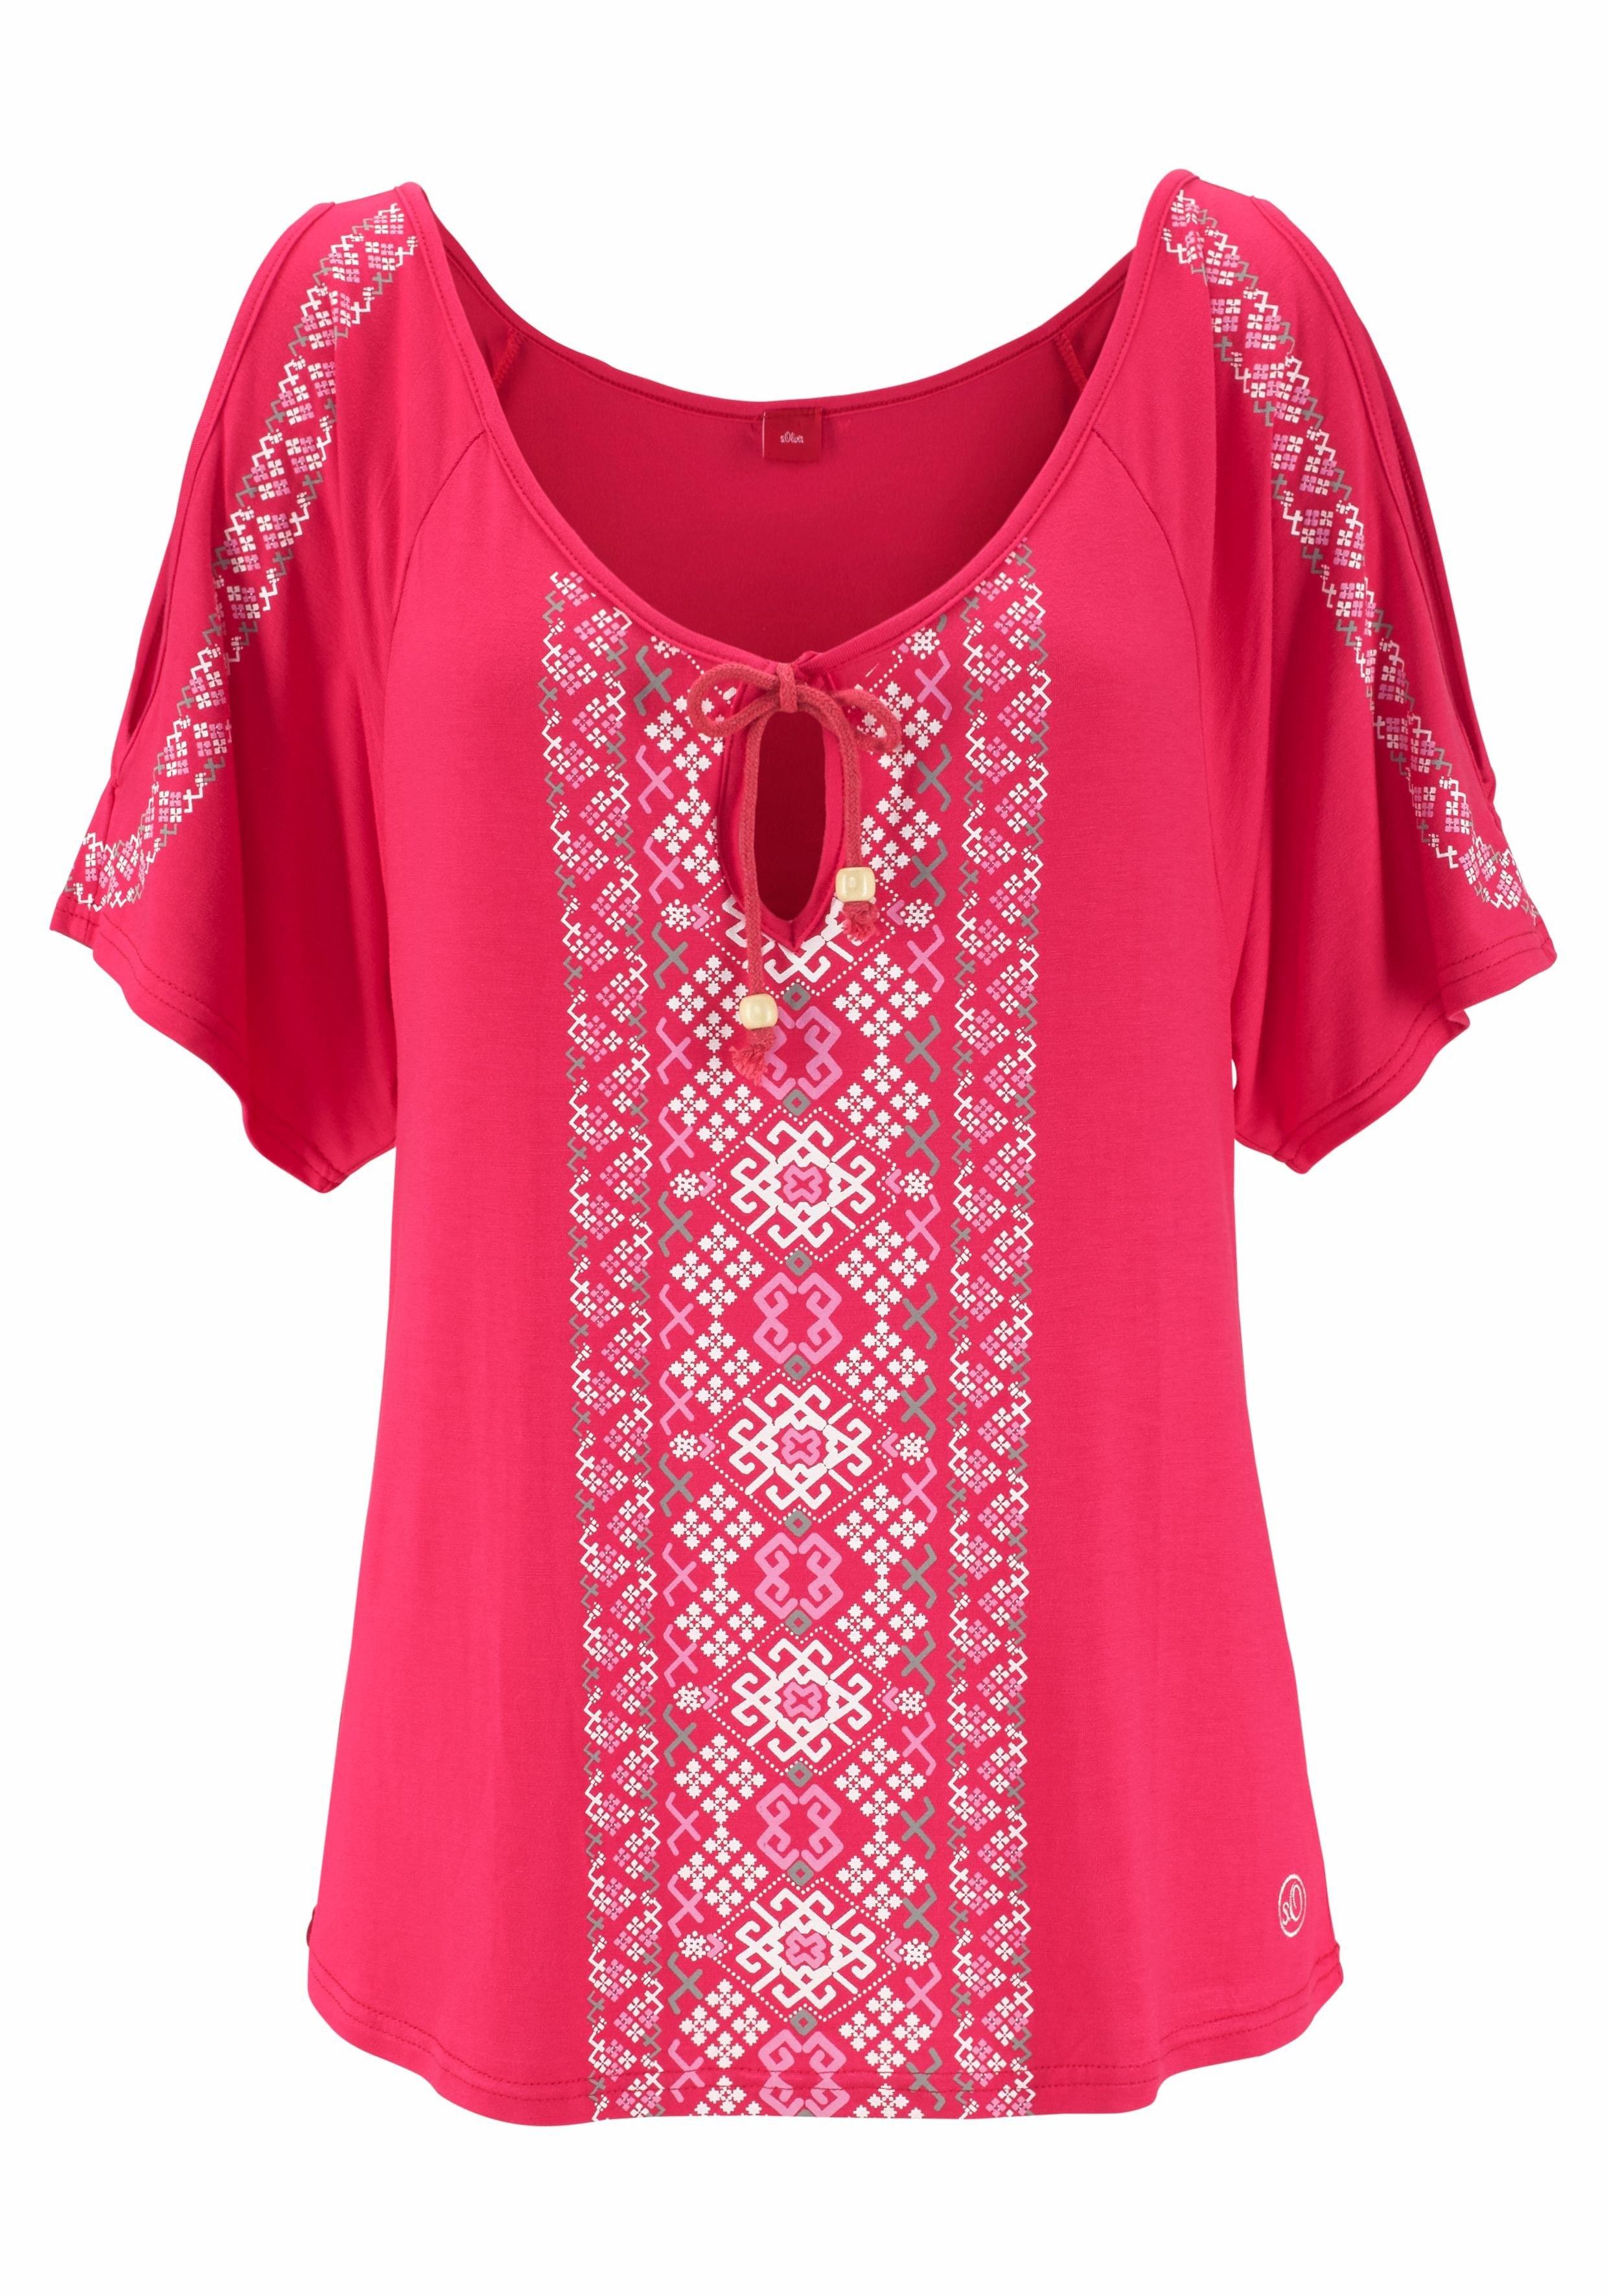 s.Oliver RED LABEL Beachwear strandshirt - verschillende betaalmethodes